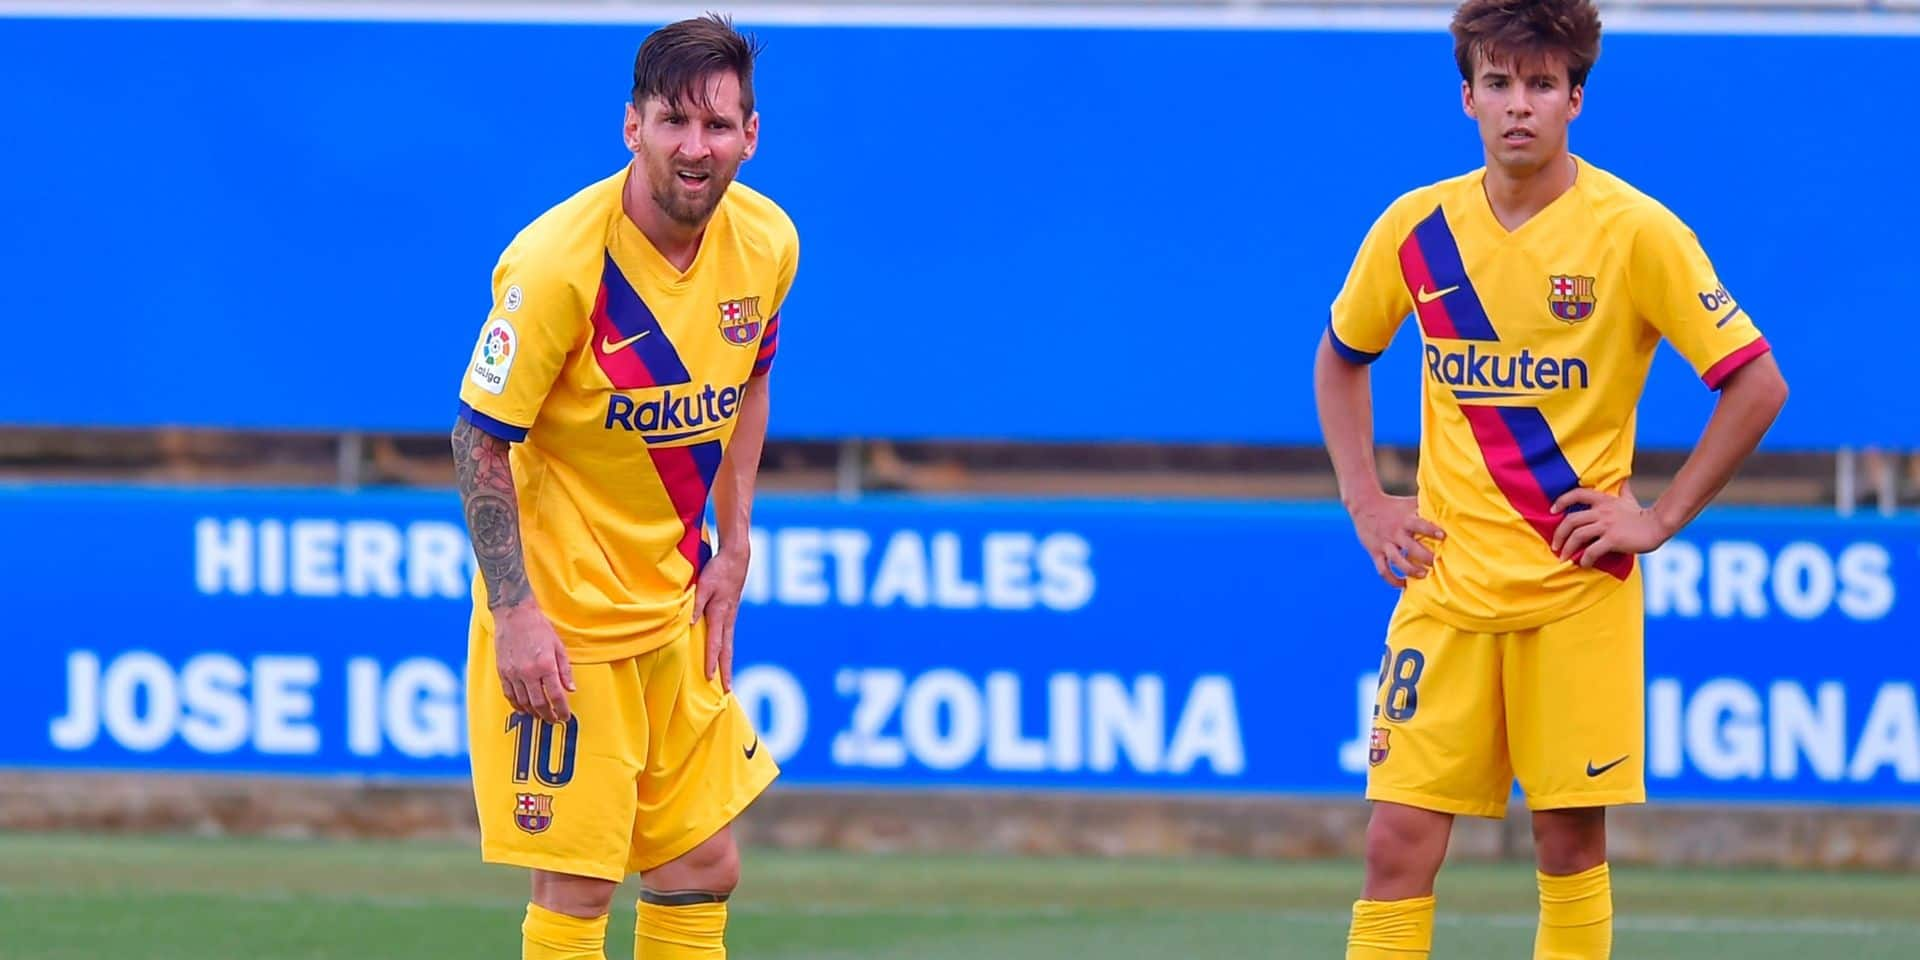 Après le large succès du Barça à Alaves, Messi se rapproche d'un 7ème titre de 'Pichichi'